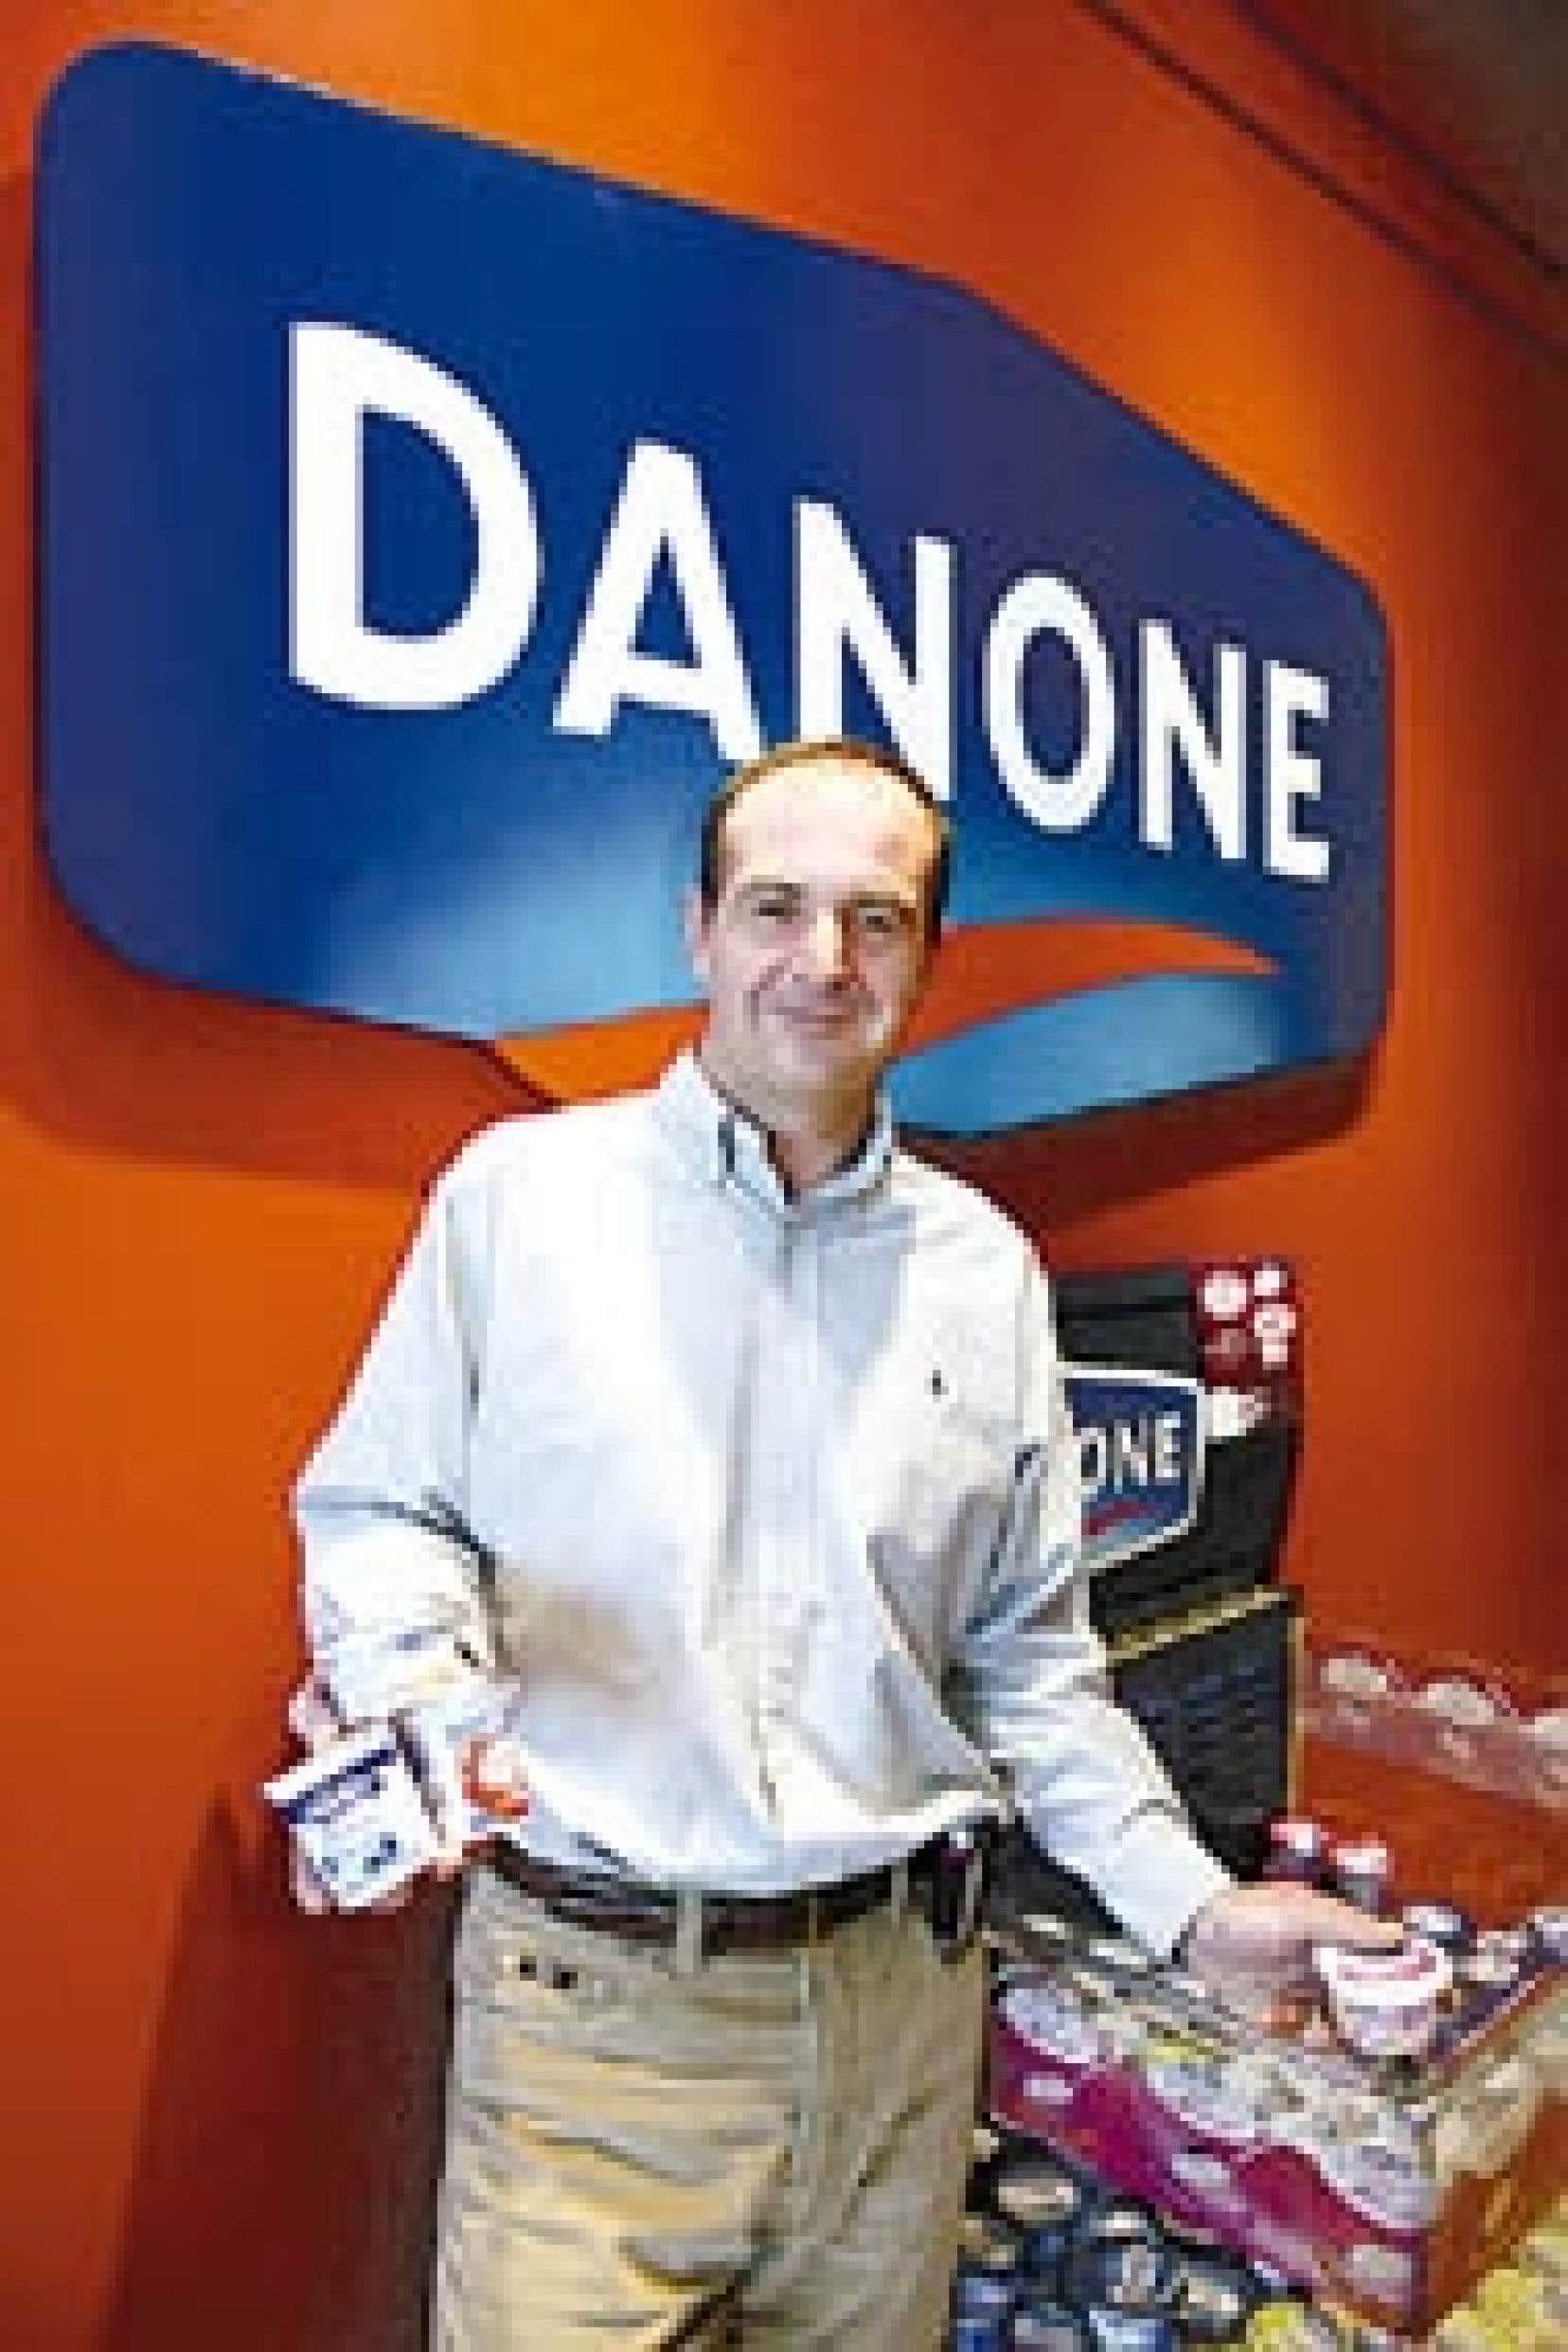 Stanislas de Gramont est président et chef de la direction de Danone inc., qui s'occupe exclusivement des produits laitiers frais, essentiellement des yogourts.